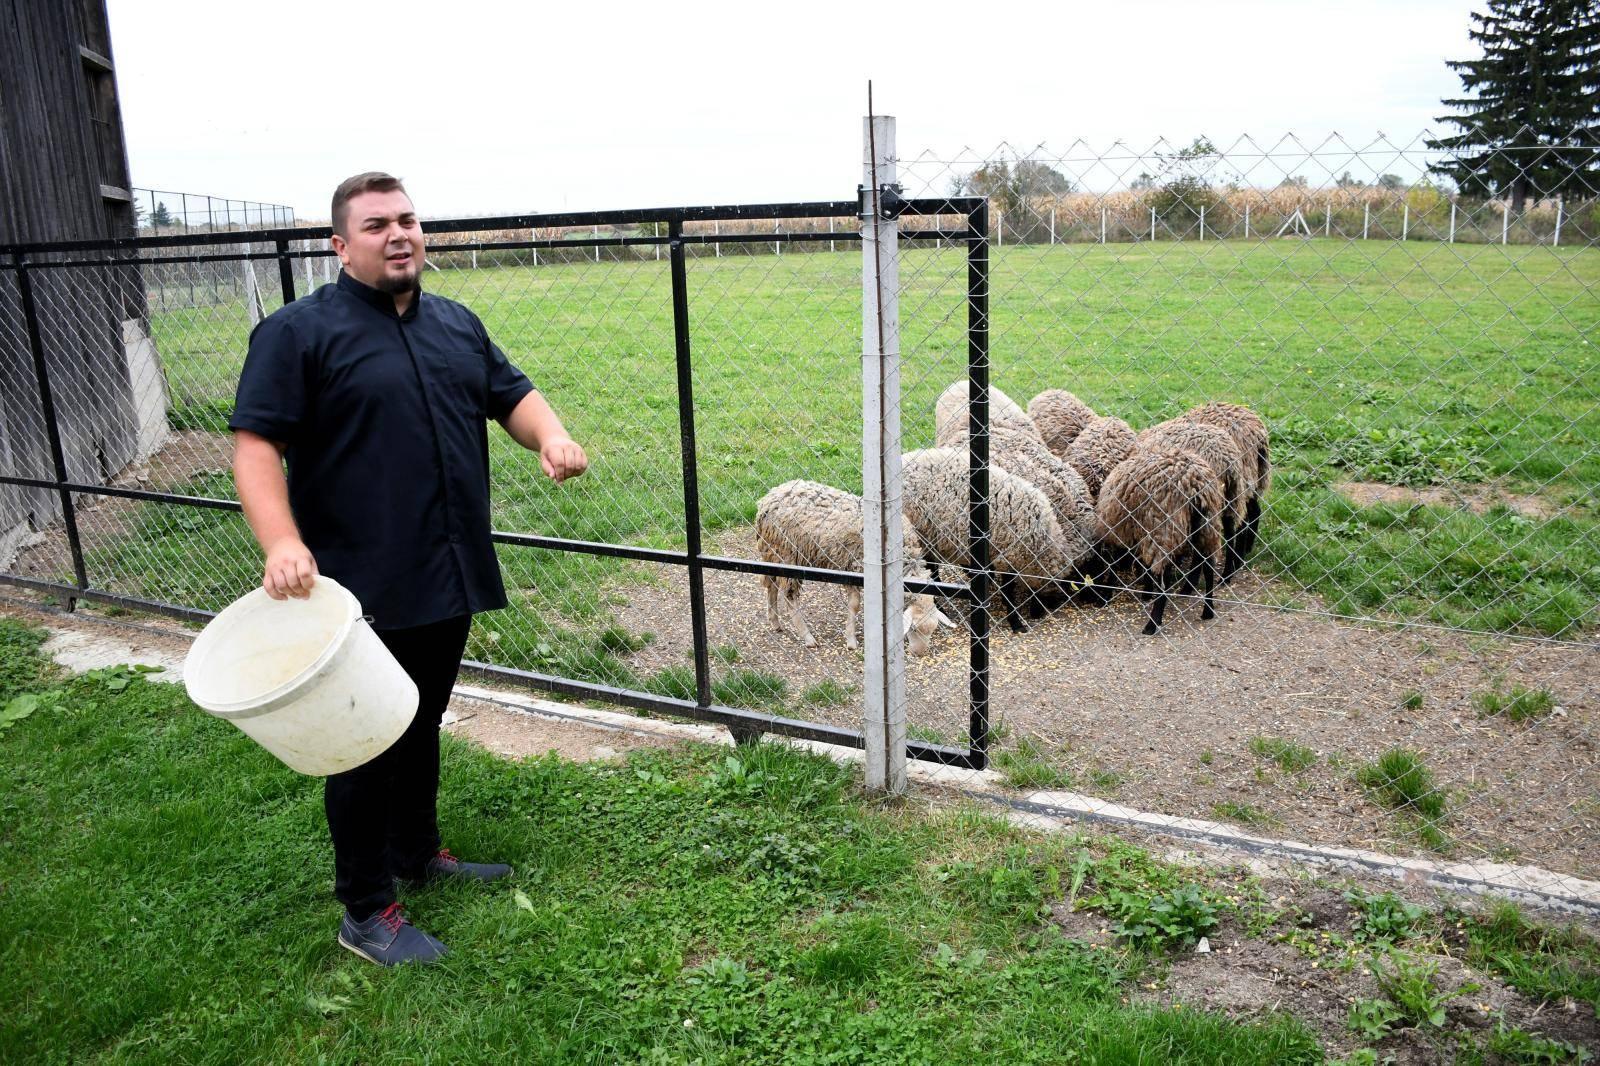 Svećenik i pastir: Volim ovce jer su i one Božja stvorenja